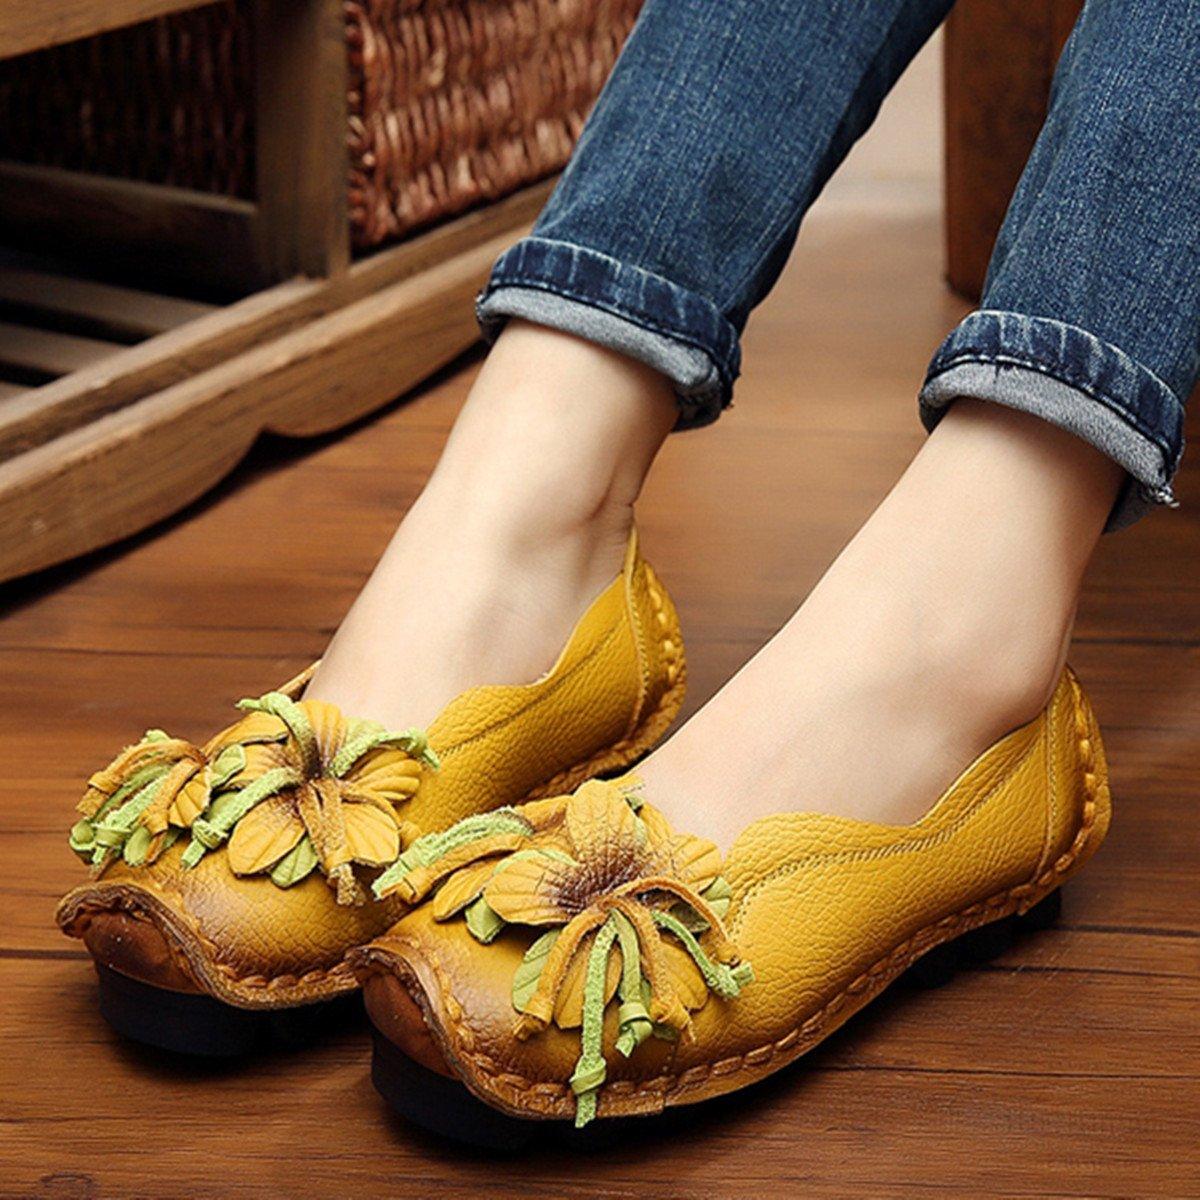 Femme Pour Chaussures Gracosy Bateau Femmeb073qkd56mparent Homme 8Oq0fwf